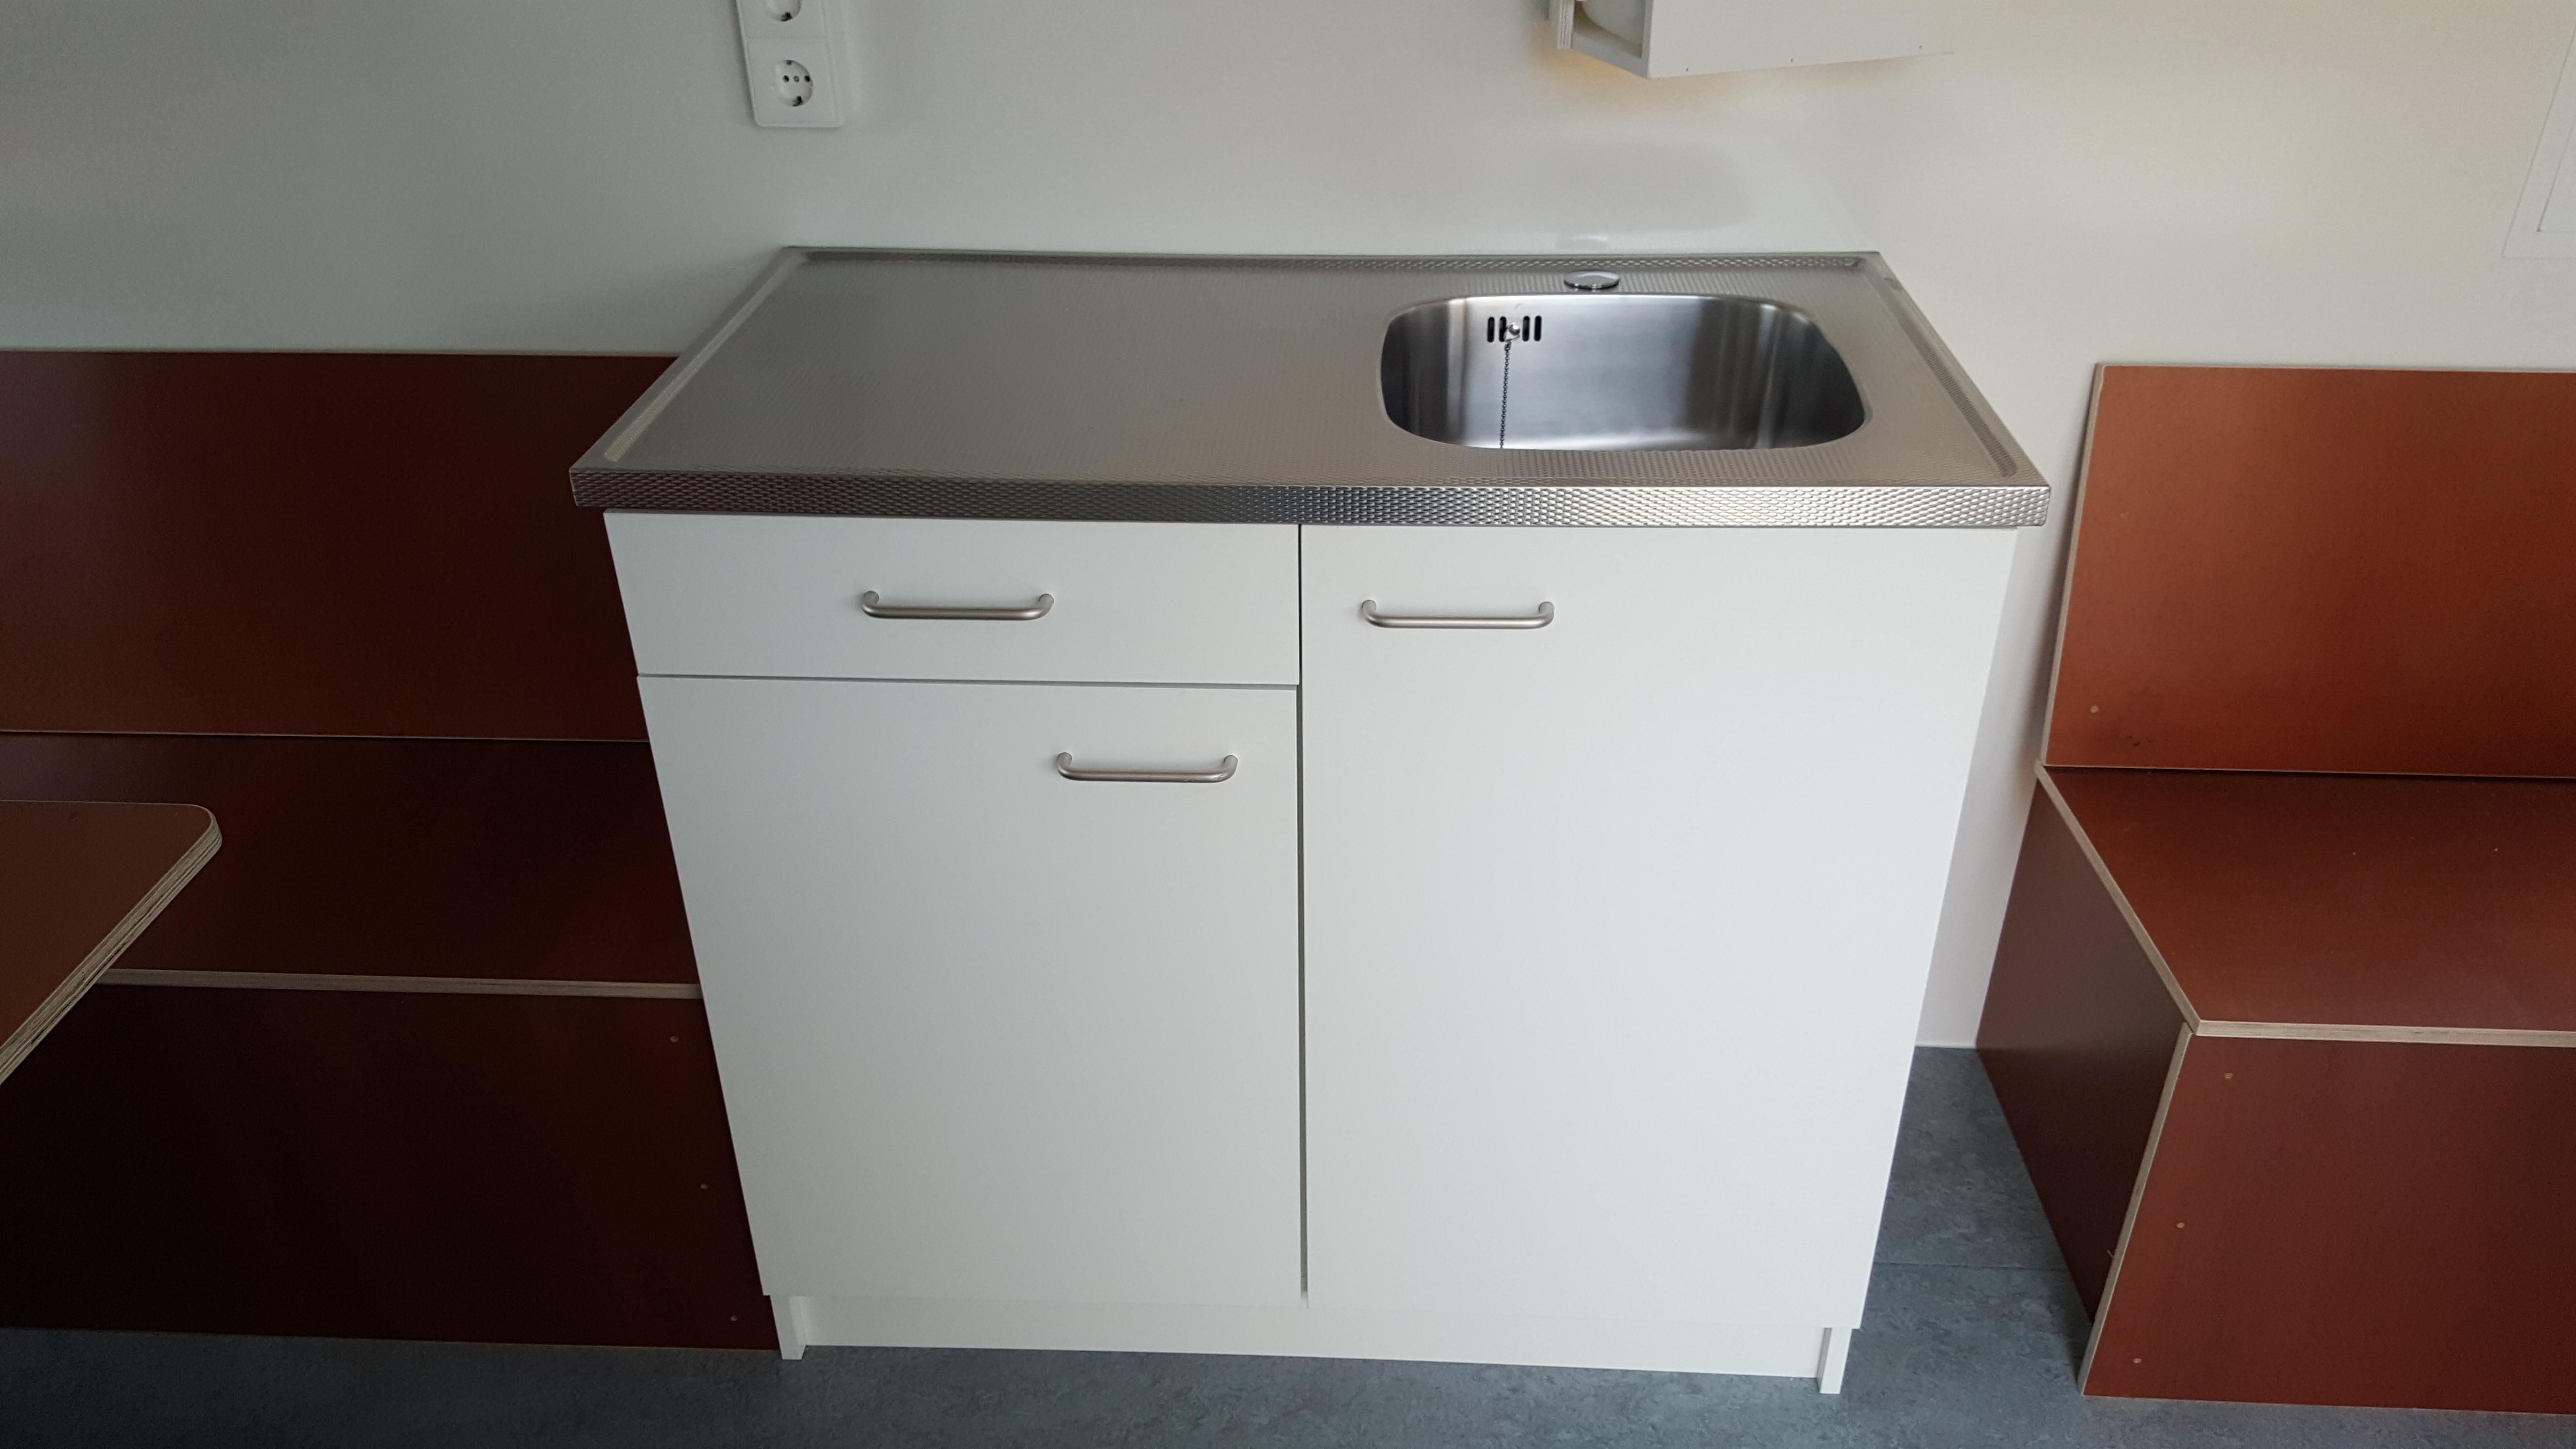 keukenblok1000x520mmladelinkssnippersopladenendeuren-4